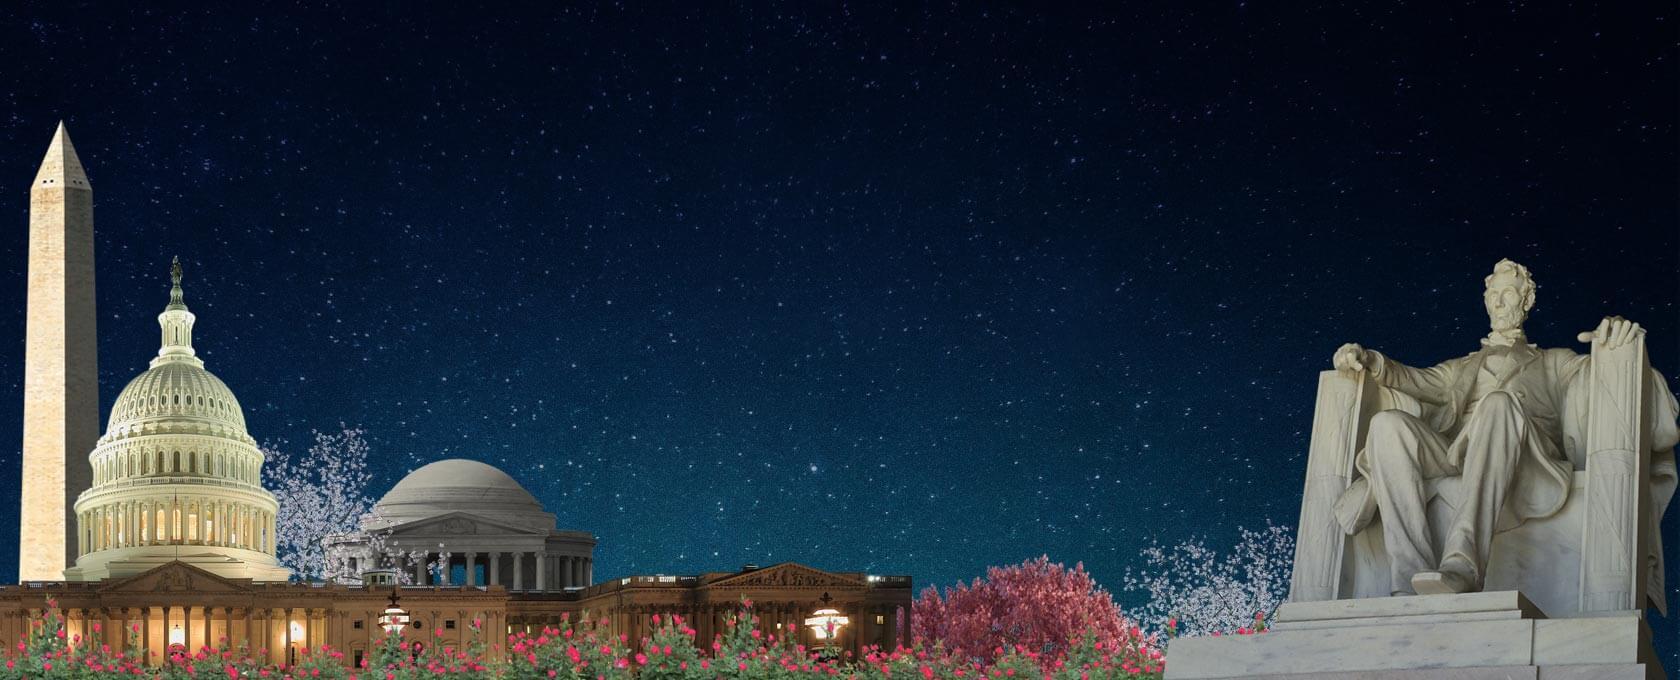 Image of Washington DC monuments at night